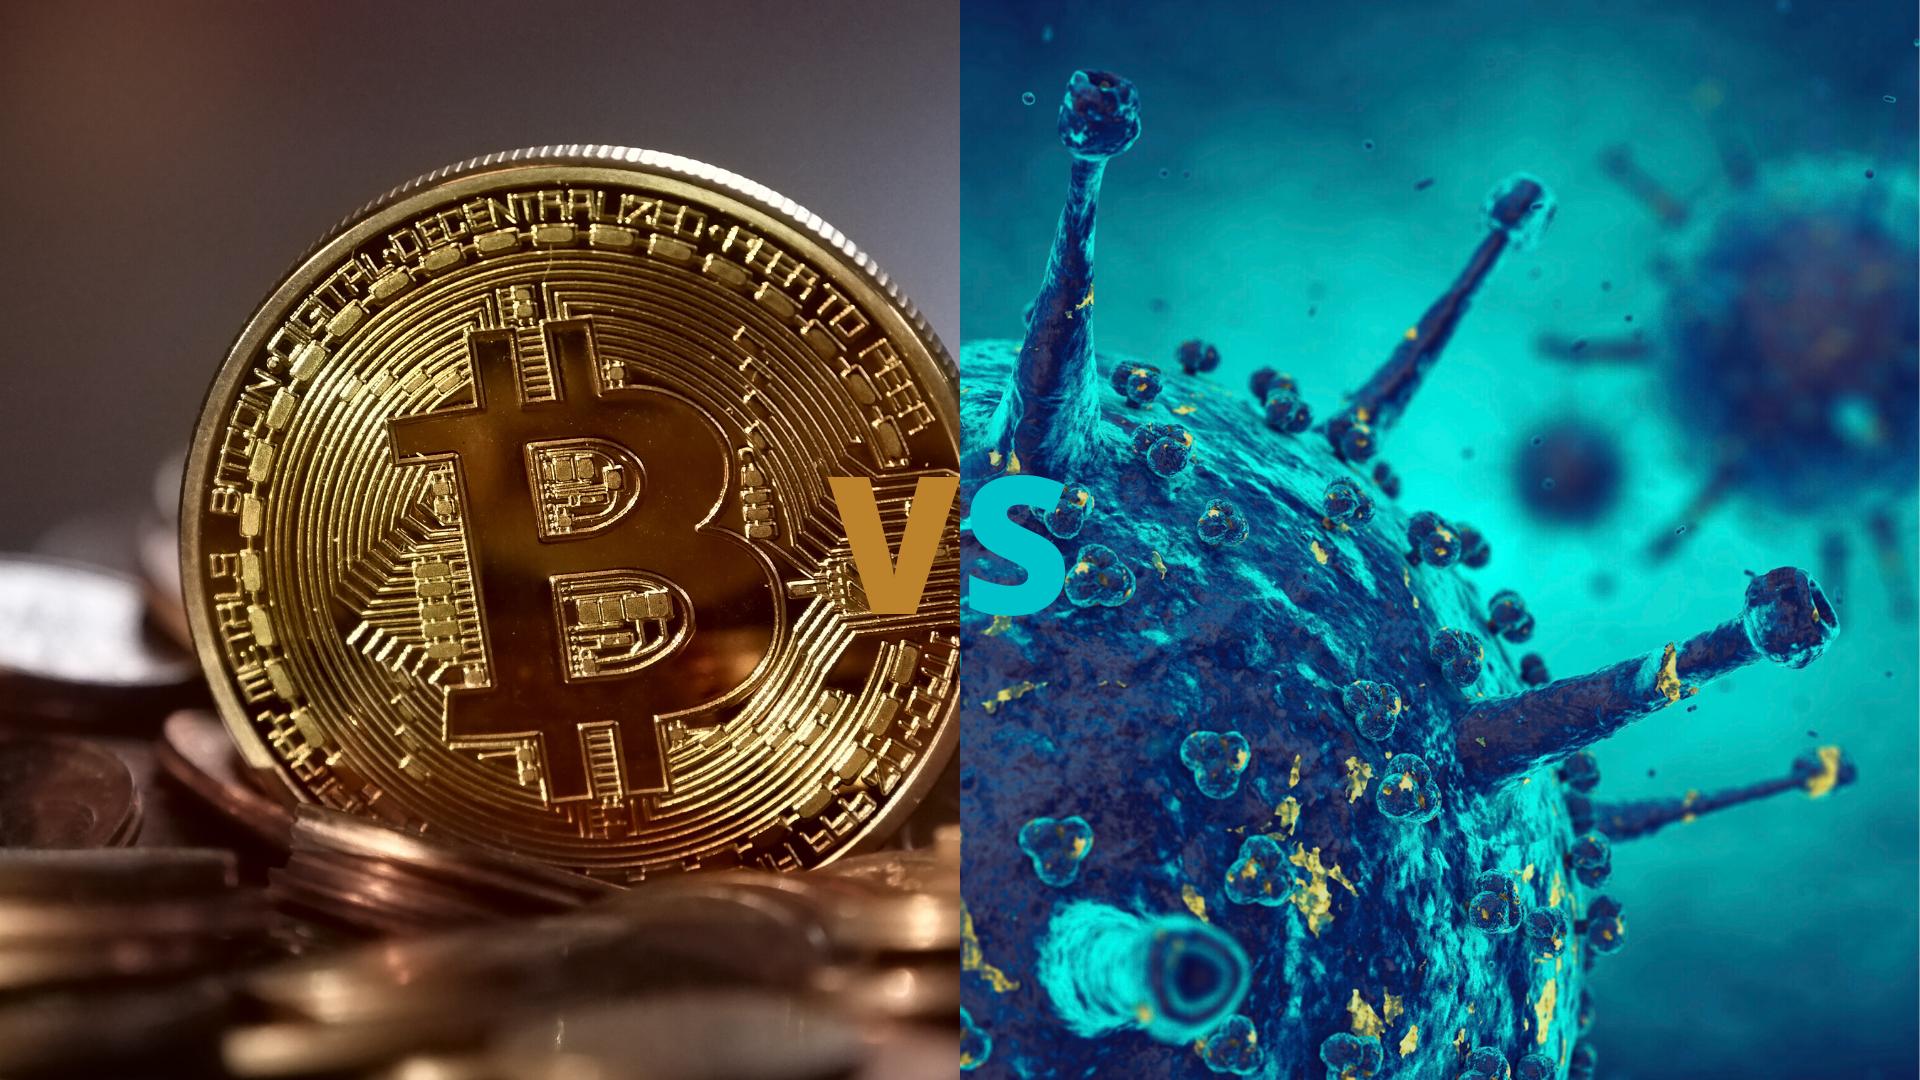 COVID-19 Recession and Bitcoin?